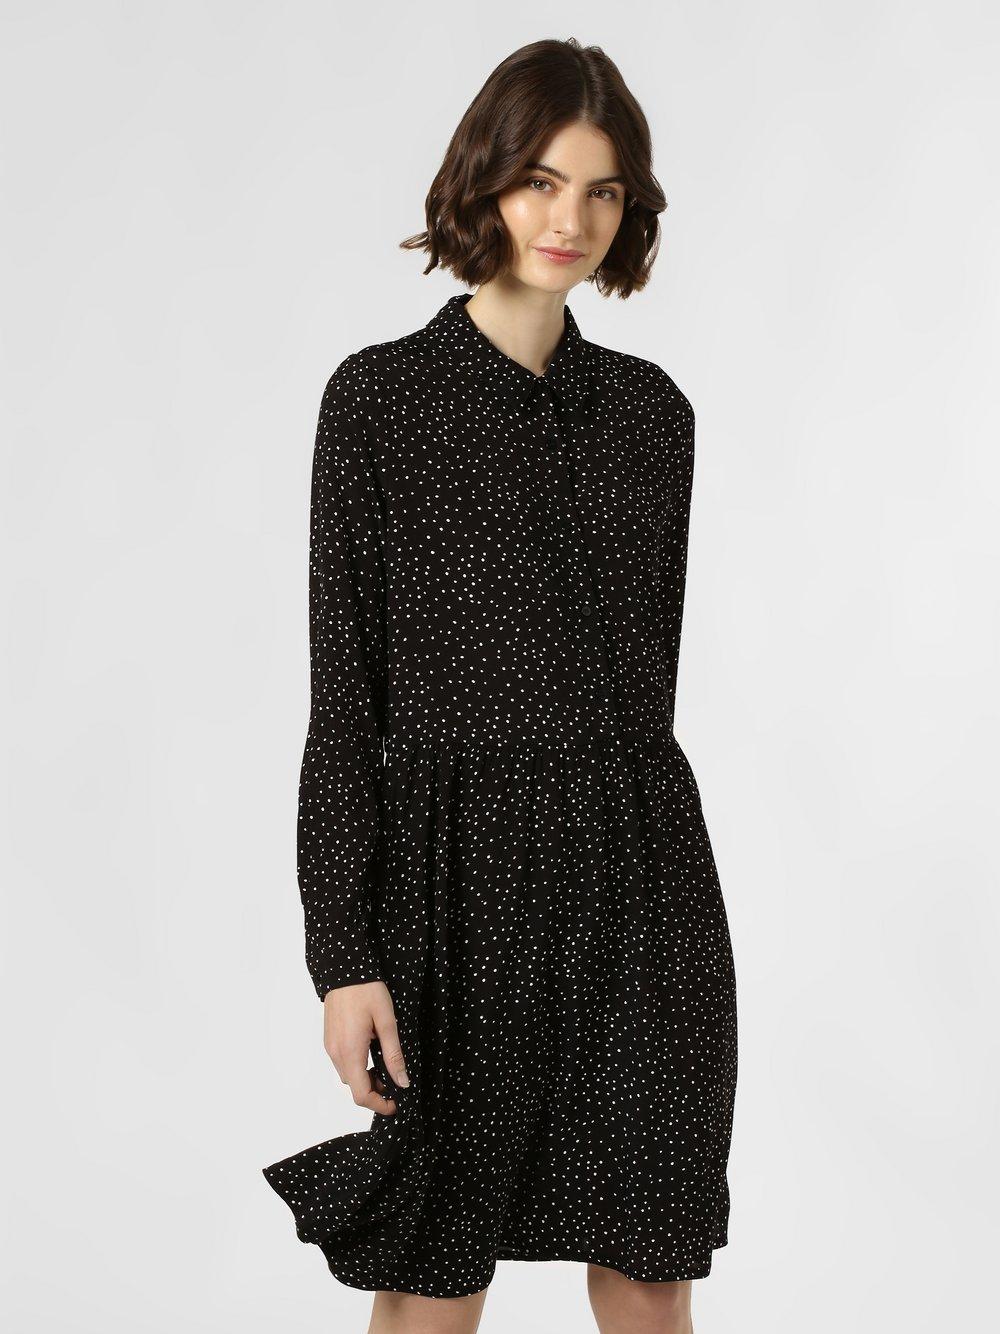 Minimum – Sukienka damska – Bindie, czarny Van Graaf 456333-0001-00340